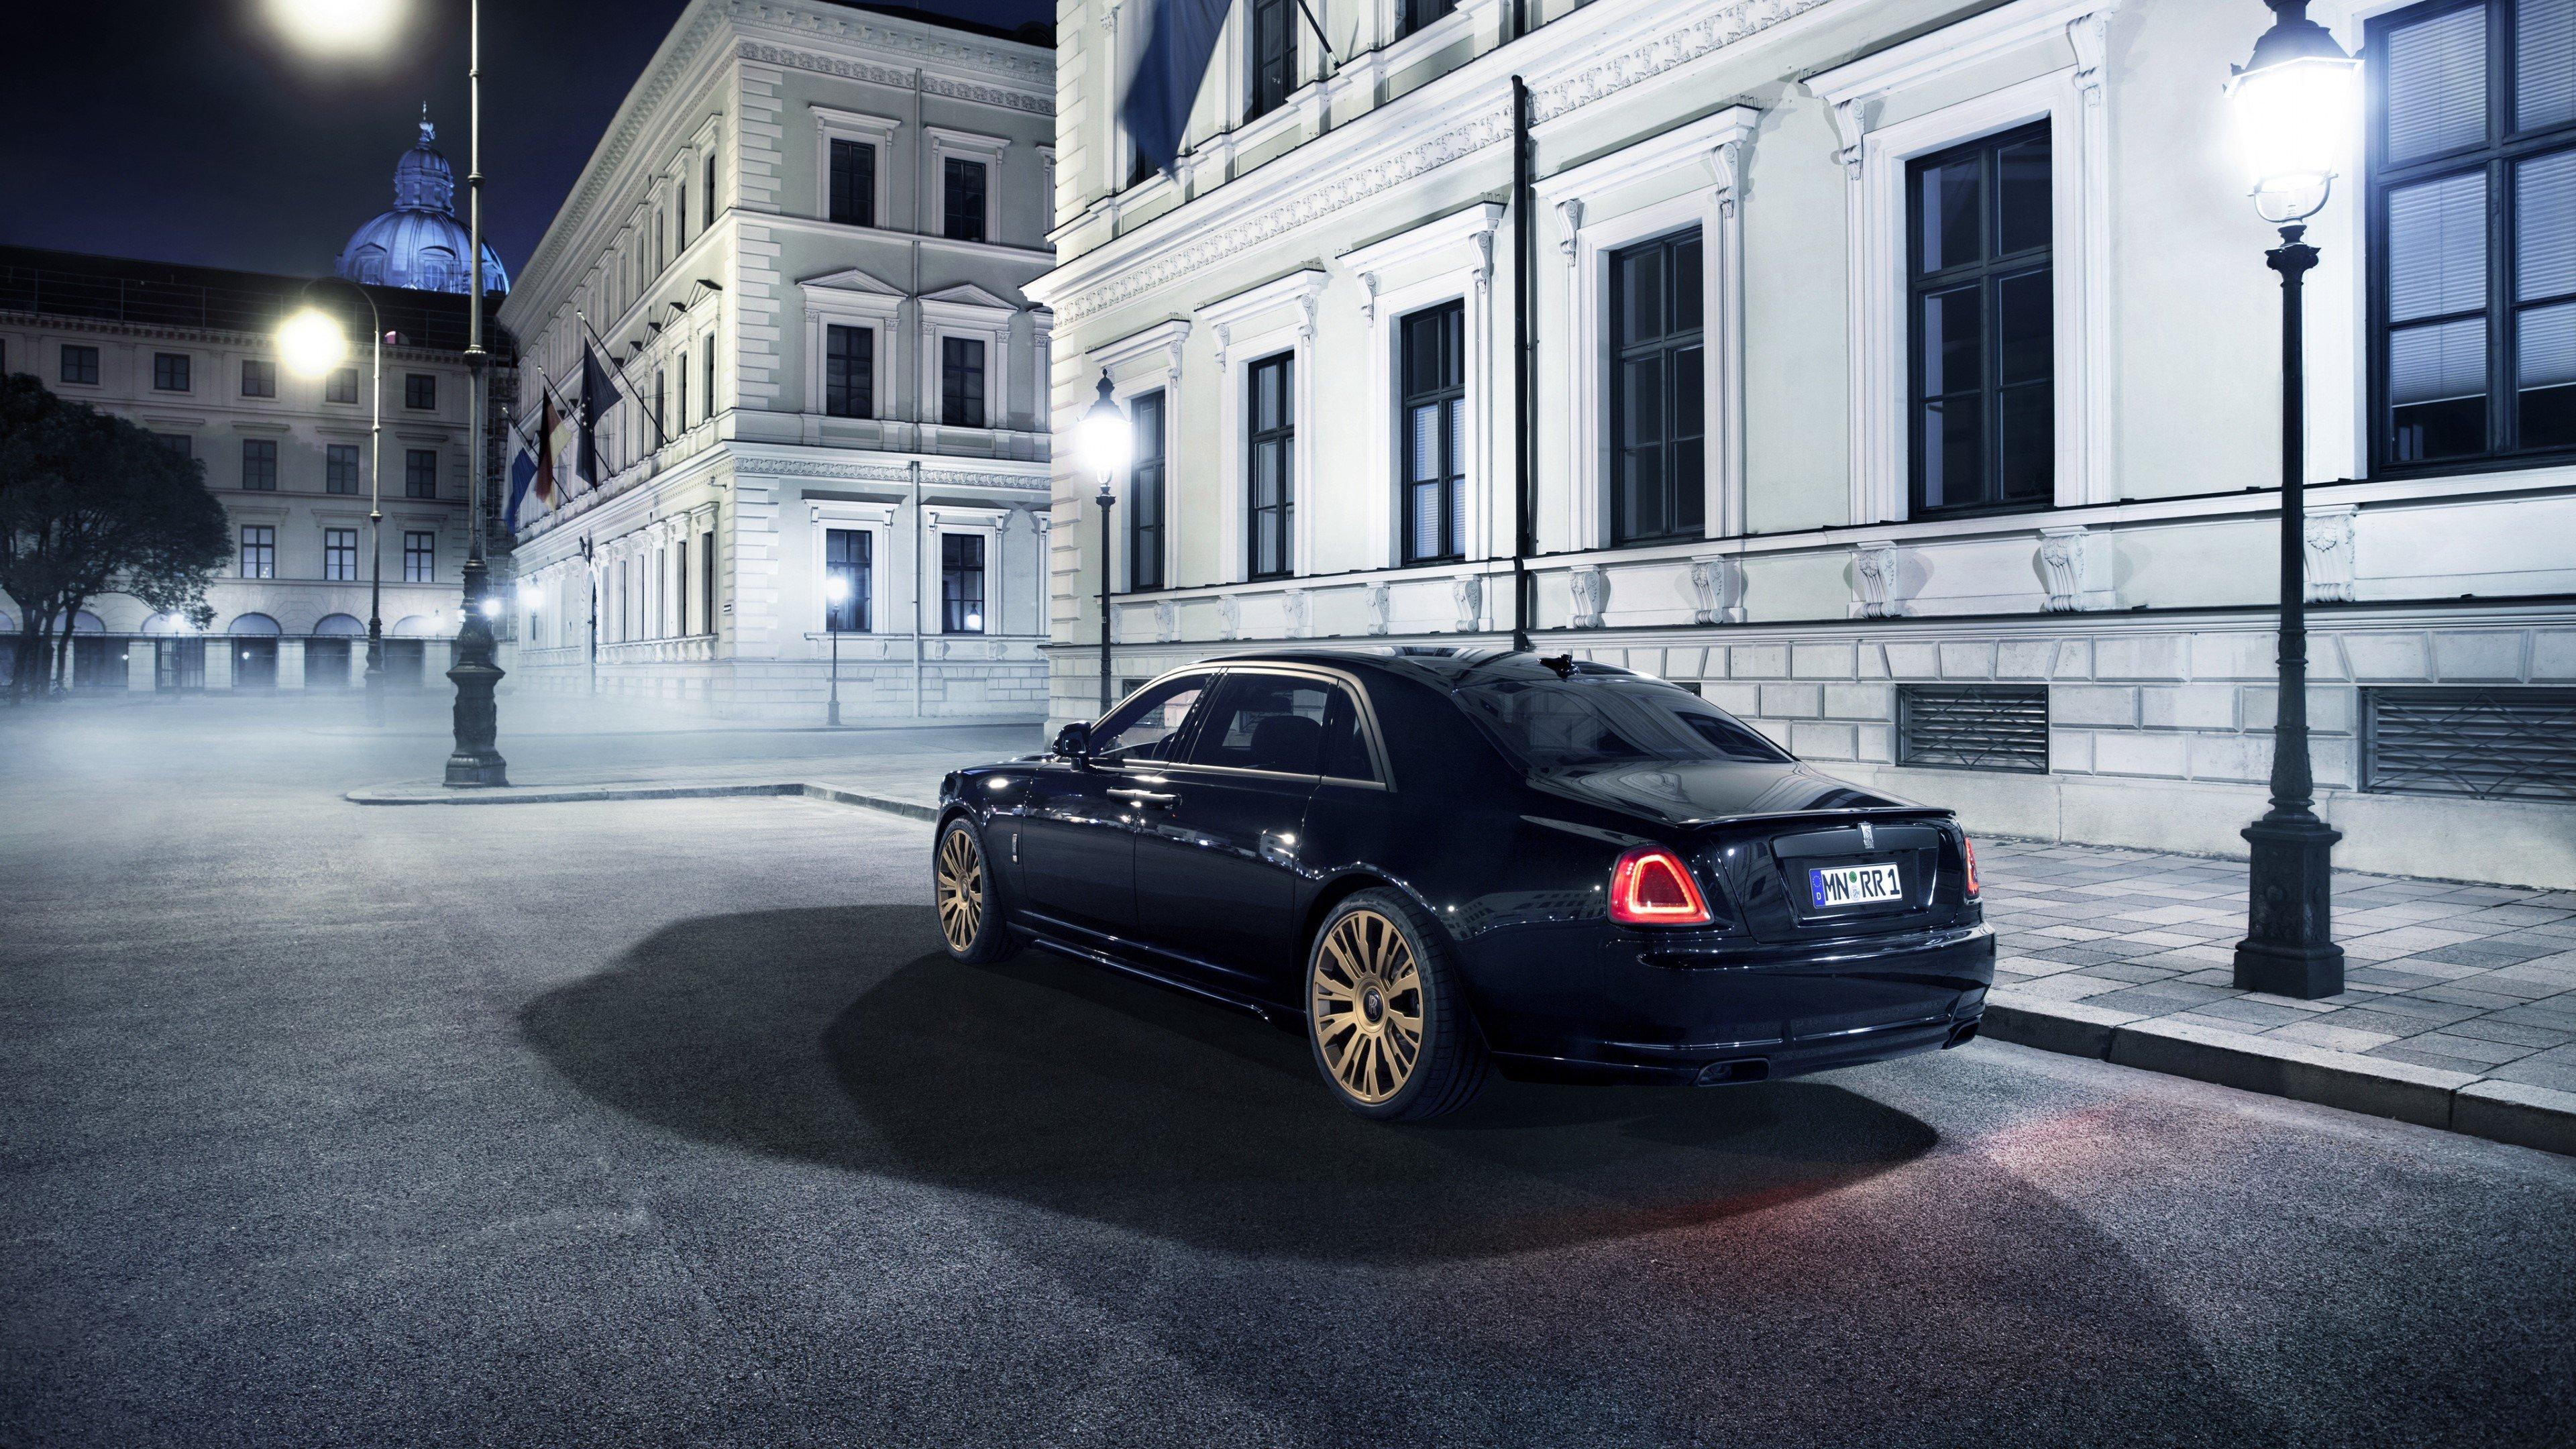 Rolls Royce Ghost 2015 Wallpaper 4k Ultra Hd Id 2532